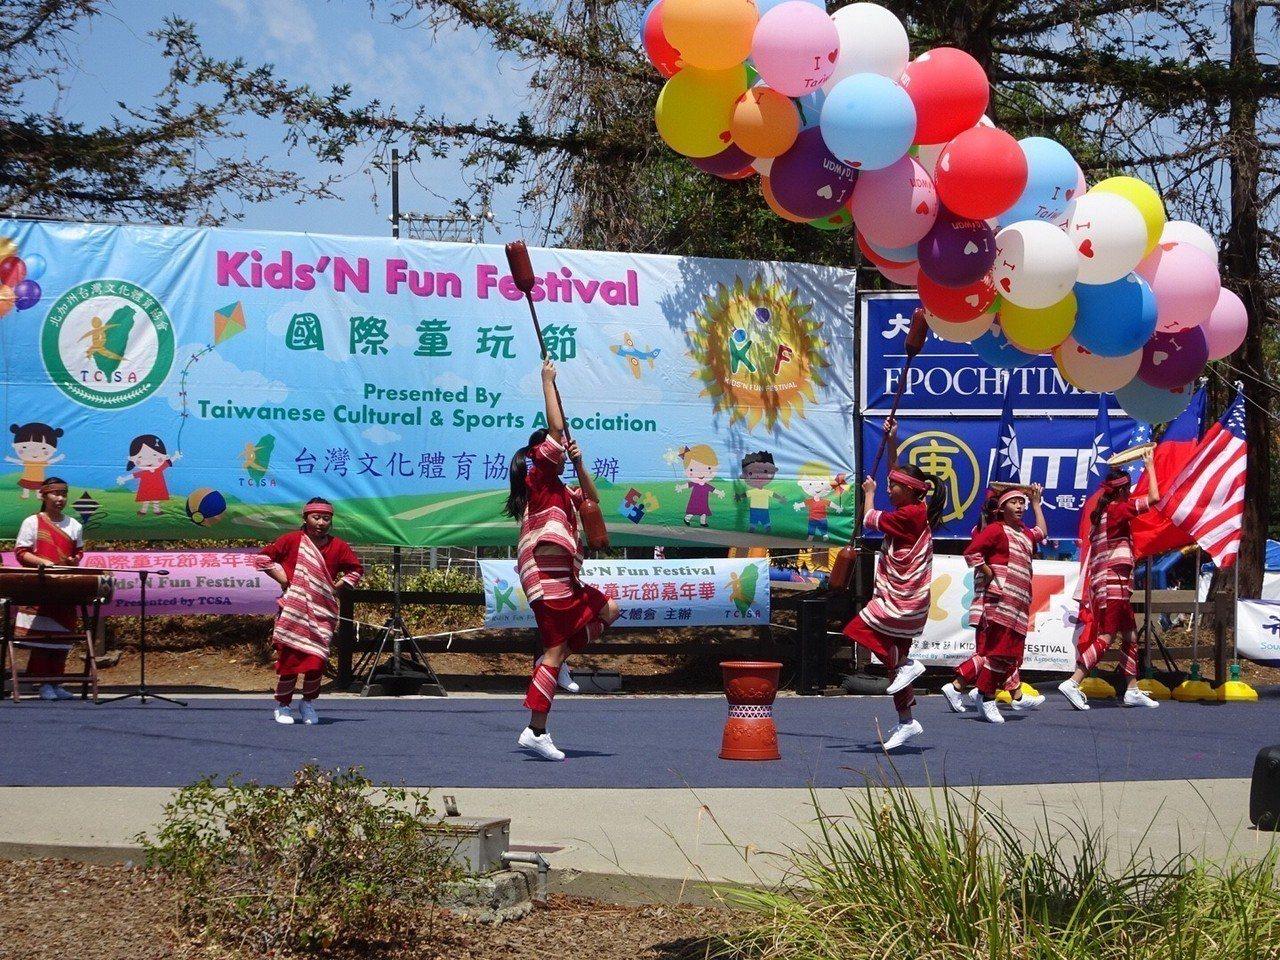 「北加州台灣文化體育協會」每年暑假在加州庫比蒂諾市紀念公園舉行美國國際童玩節,和...